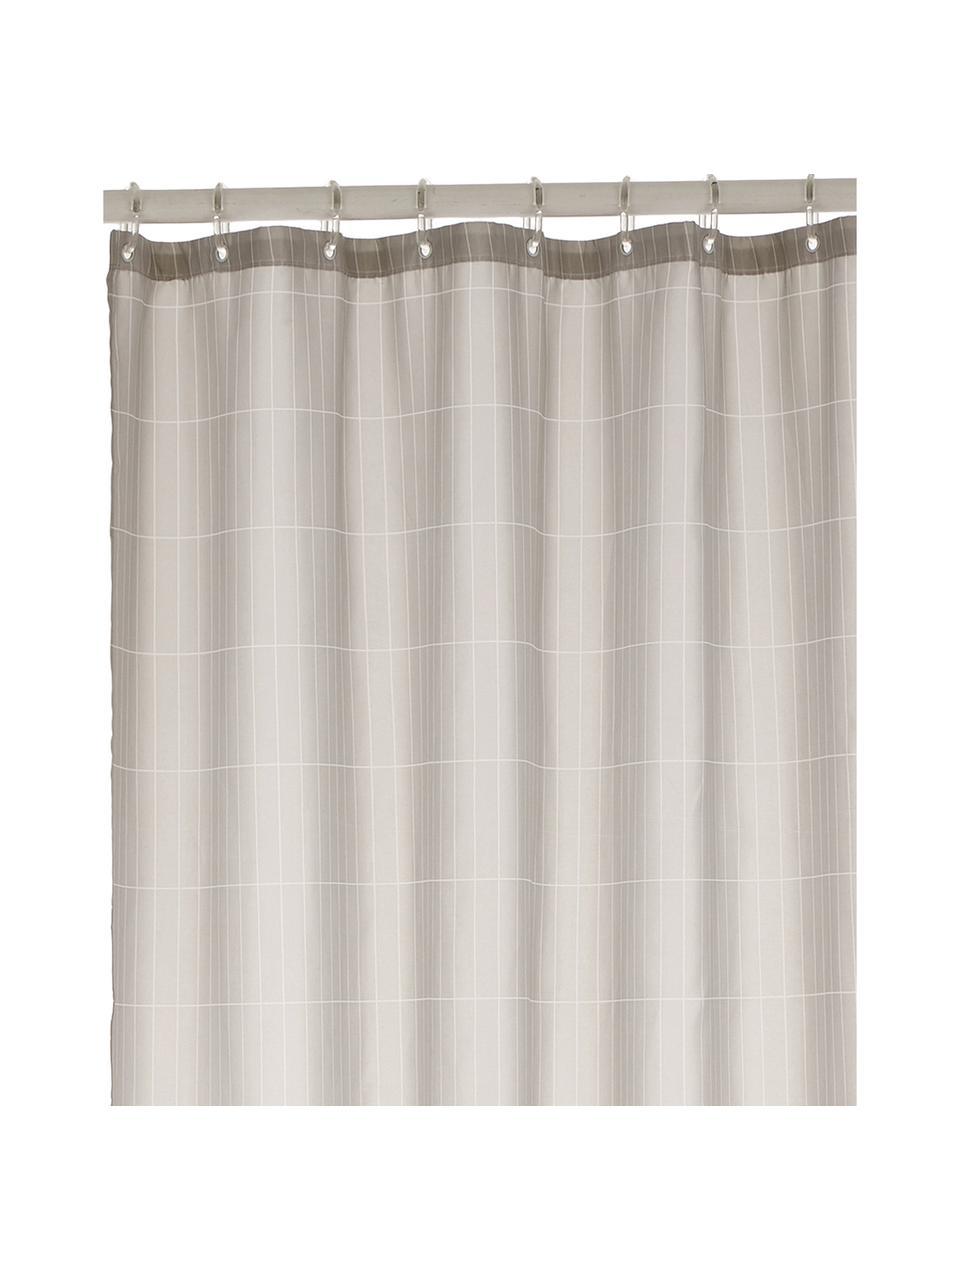 Rideau de douche gris à carreaux Tiles, Revêtement: gris clair Pieds: noir